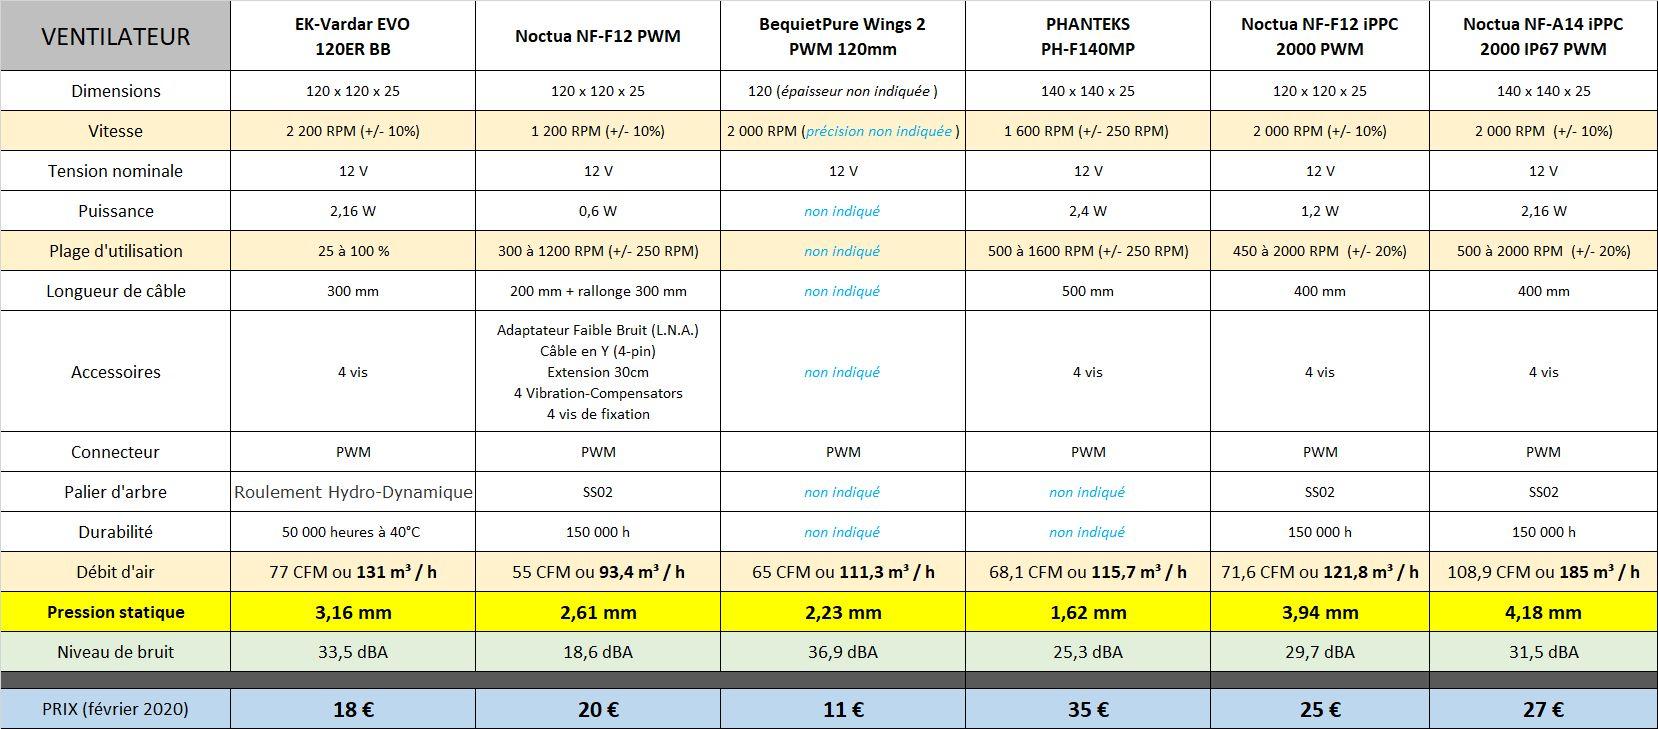 [DOSSIER] Ventilation et ventilateurs Ek-vs-noctua